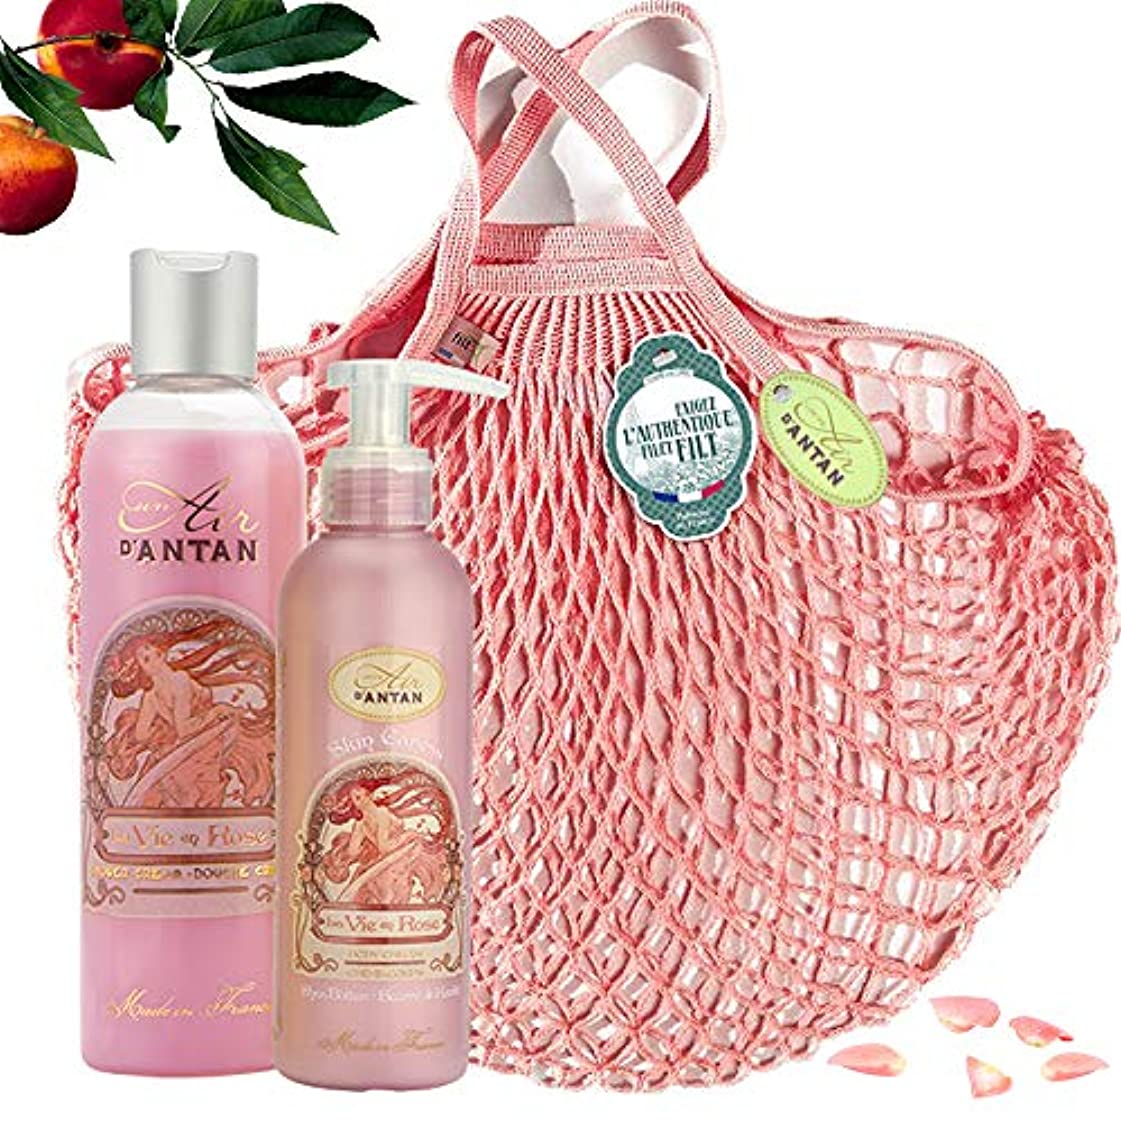 教養がある旋回乱気流ROSE Woman Beauty Set - ロトデュオバス&ネットフィットケア:1シャワージェル250ml、1ボディローションモイスチャライザー200ml - ピンクの香水、ピーチ、パチョリ - 記念日のギフトのアイデア...